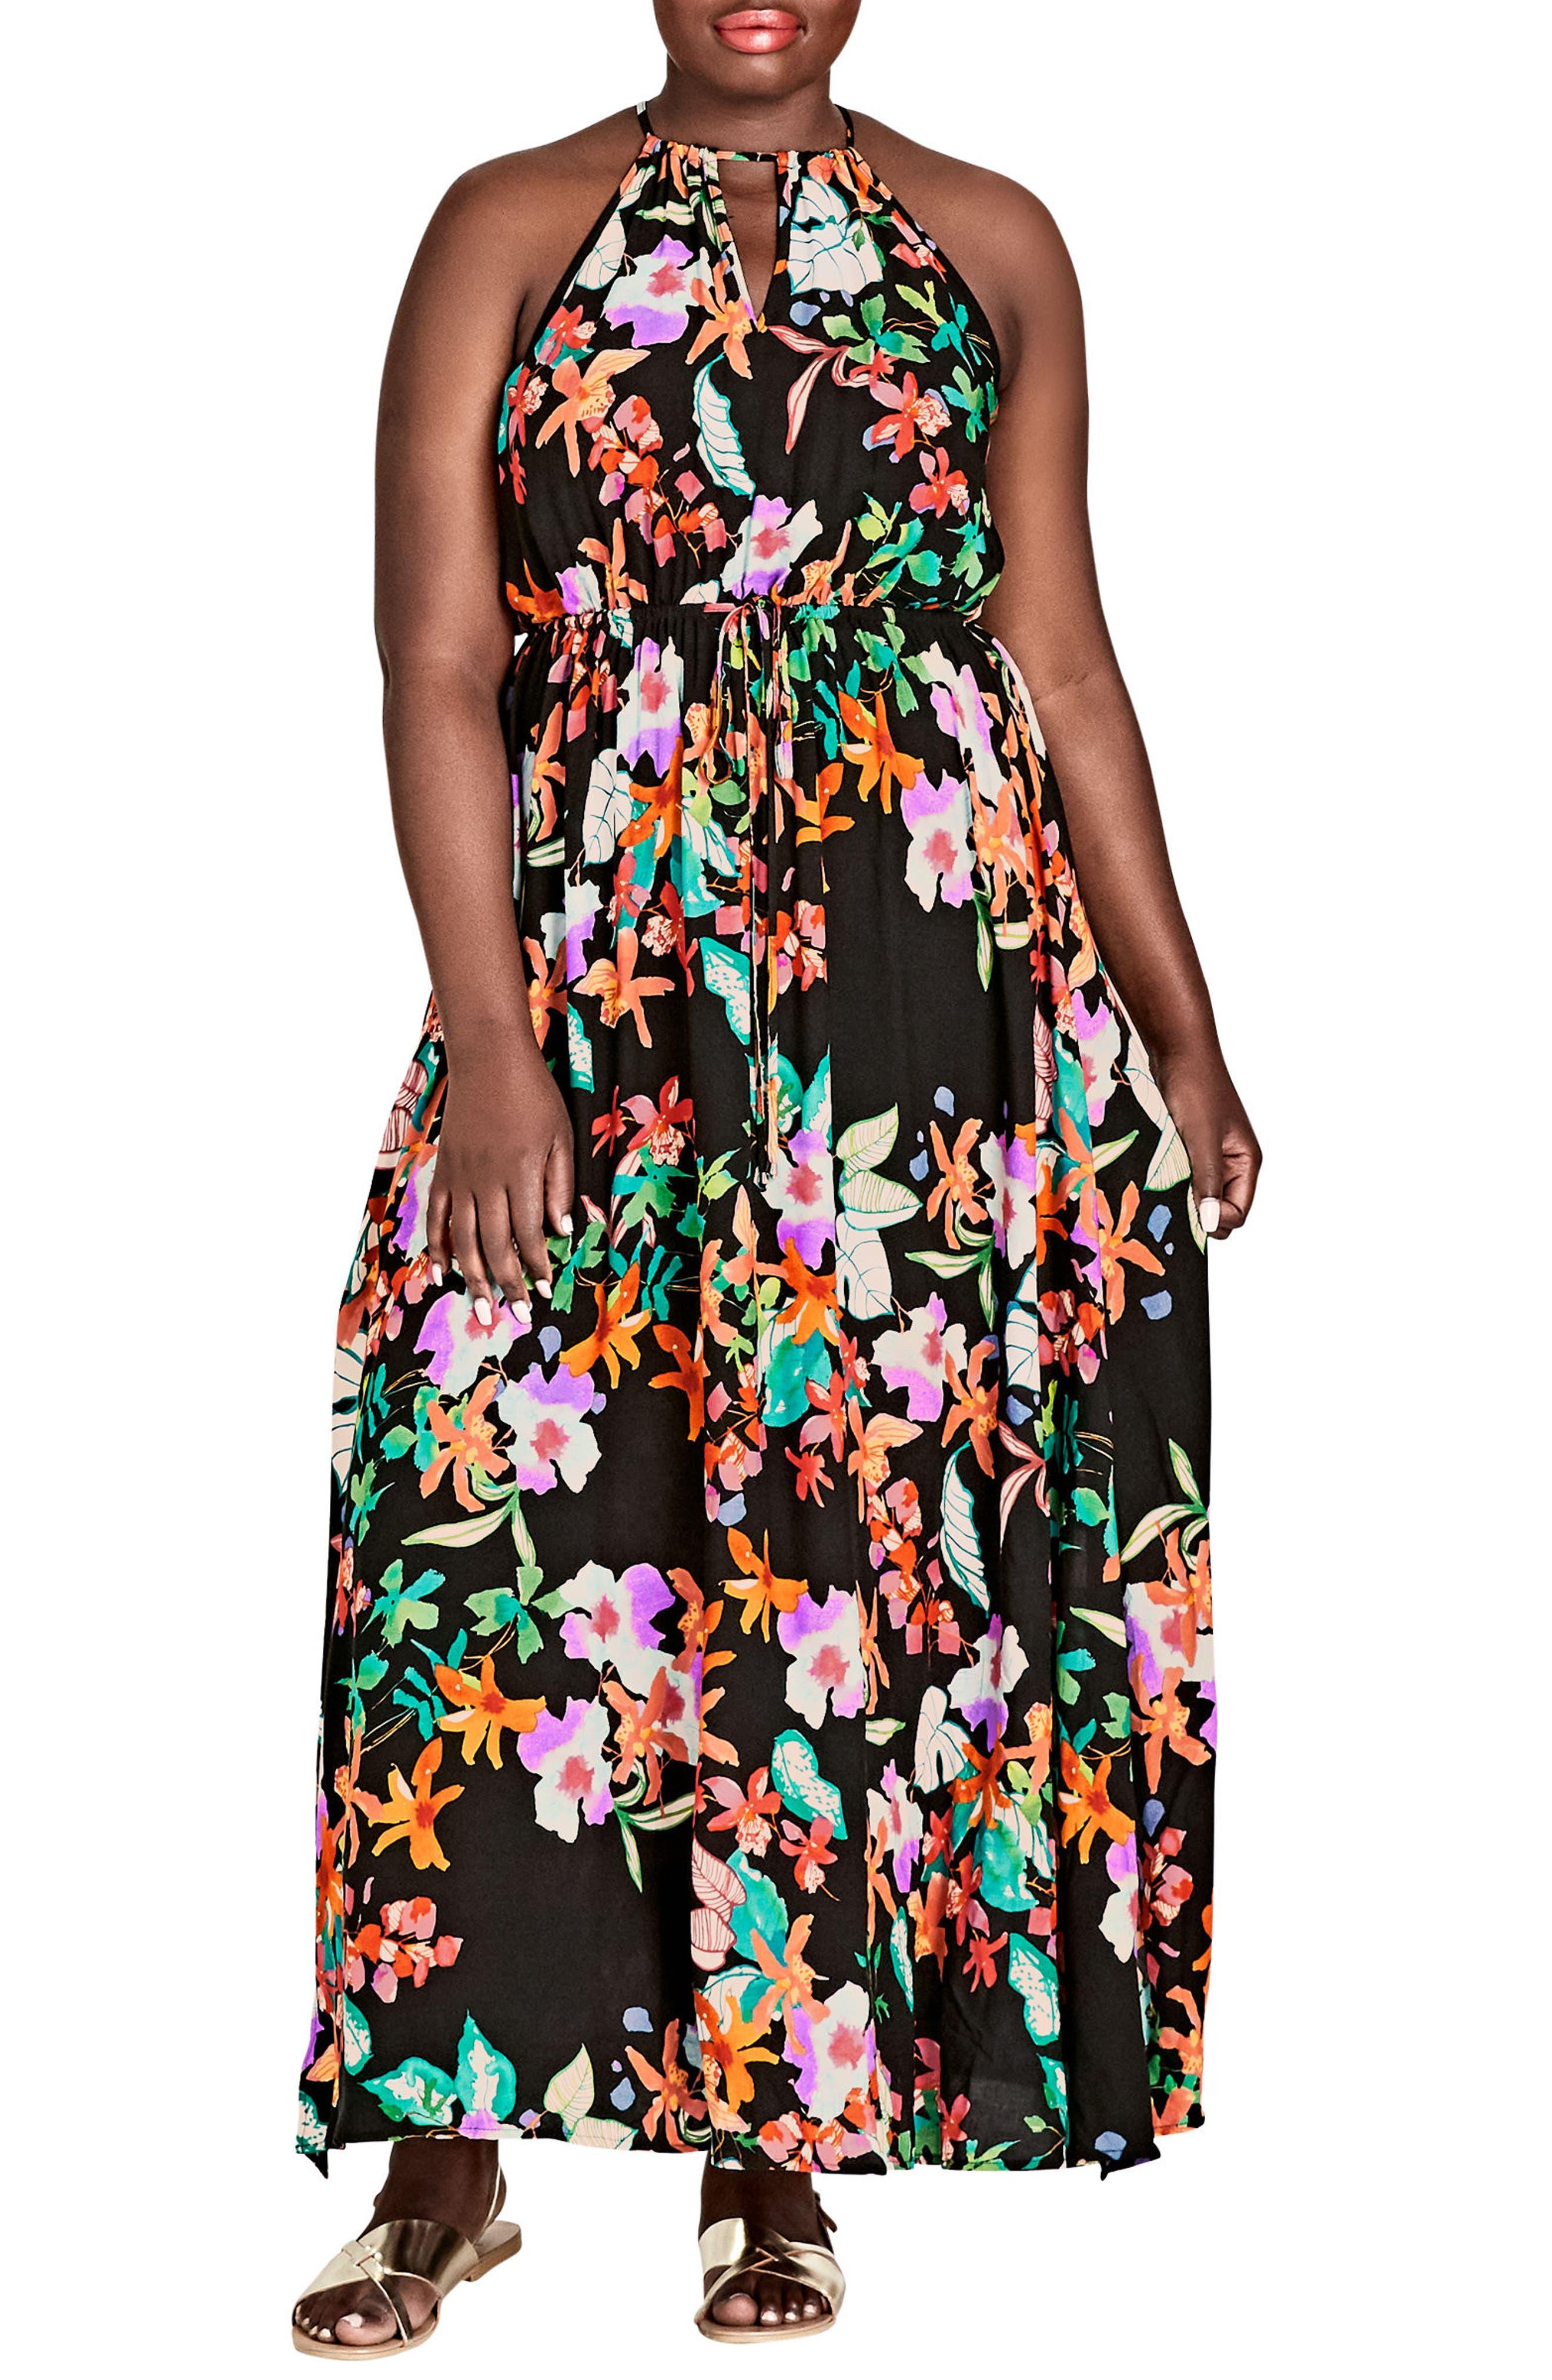 Molokai Floral Maxi Dress,                             Main thumbnail 1, color,                             MOLOKAI FLORAL